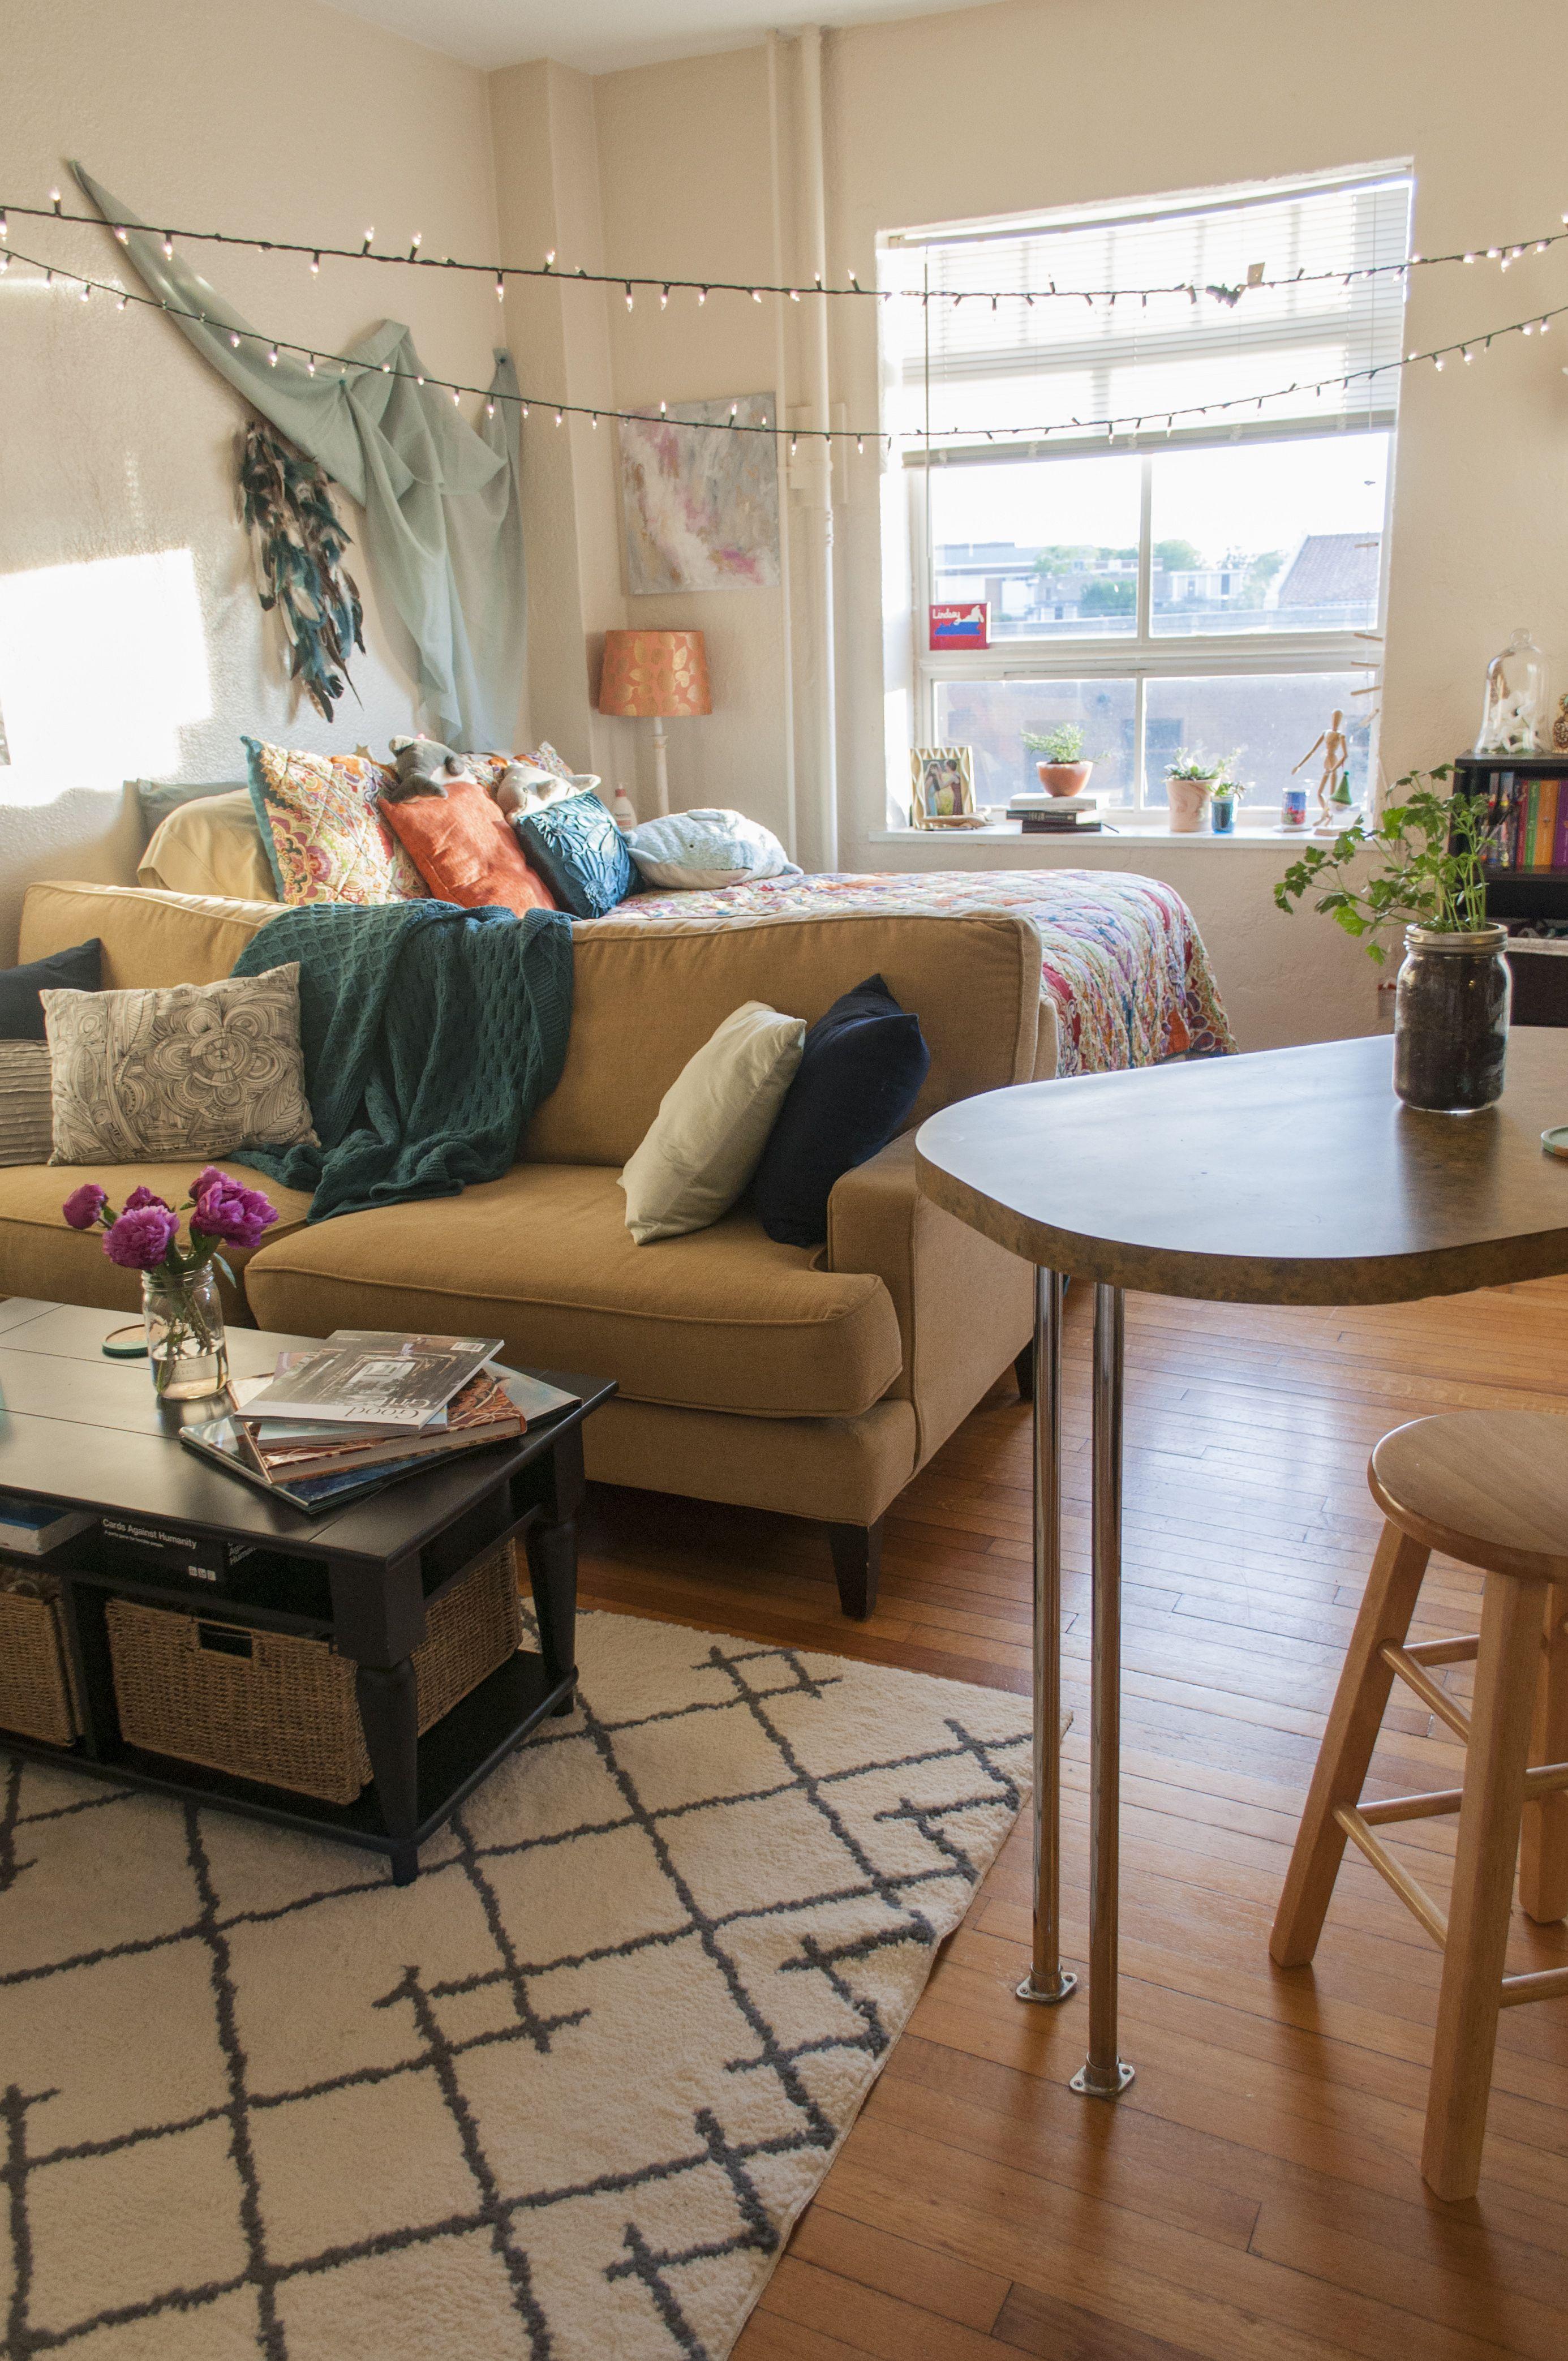 400 Sq Foot Studio Apartment In Birmingham Alabama Creativees